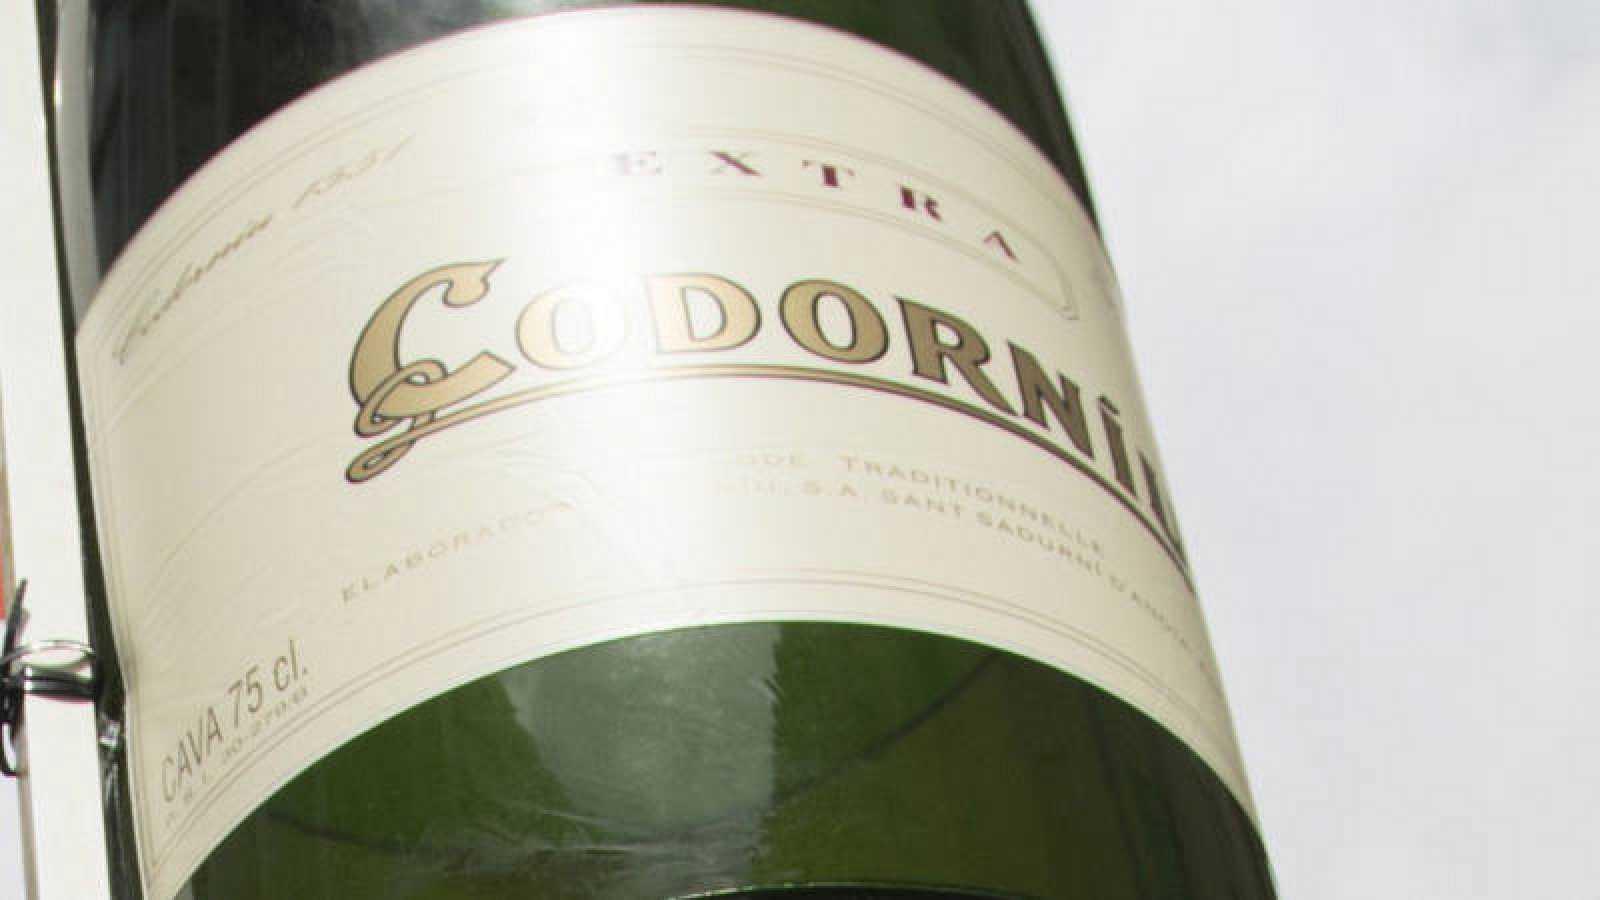 Codorniu se suma a la lista de empresas que trasladan su sede social fuera de Cataluña.